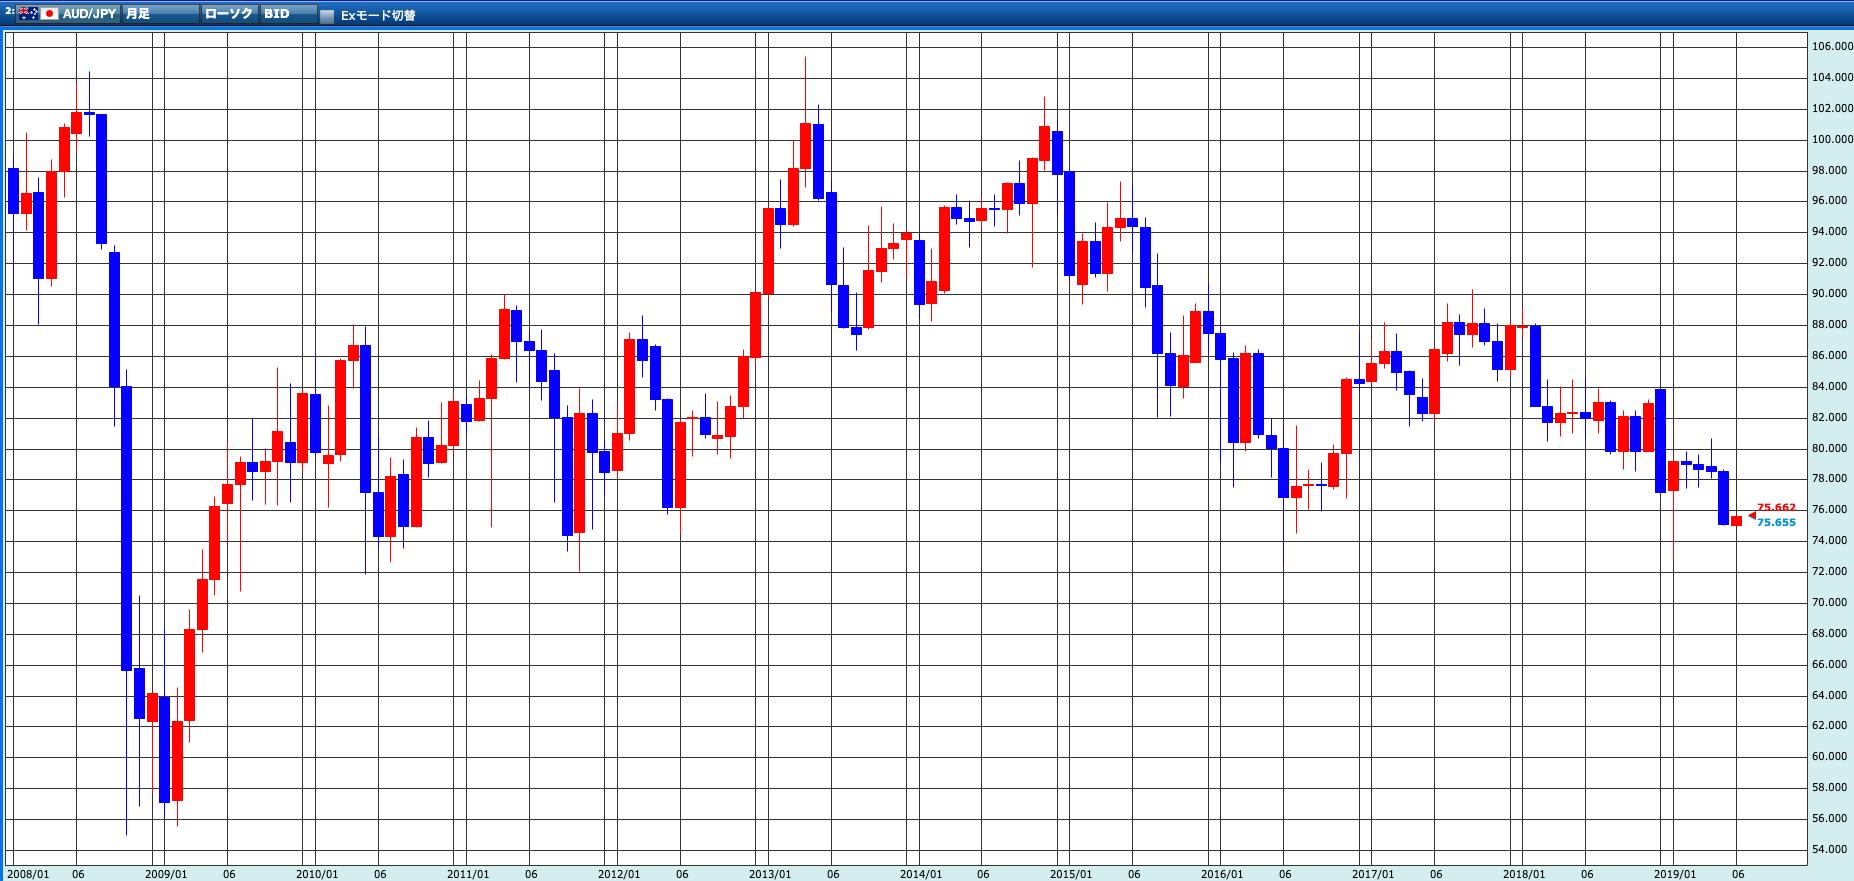 豪ドル円10年間の為替チャート